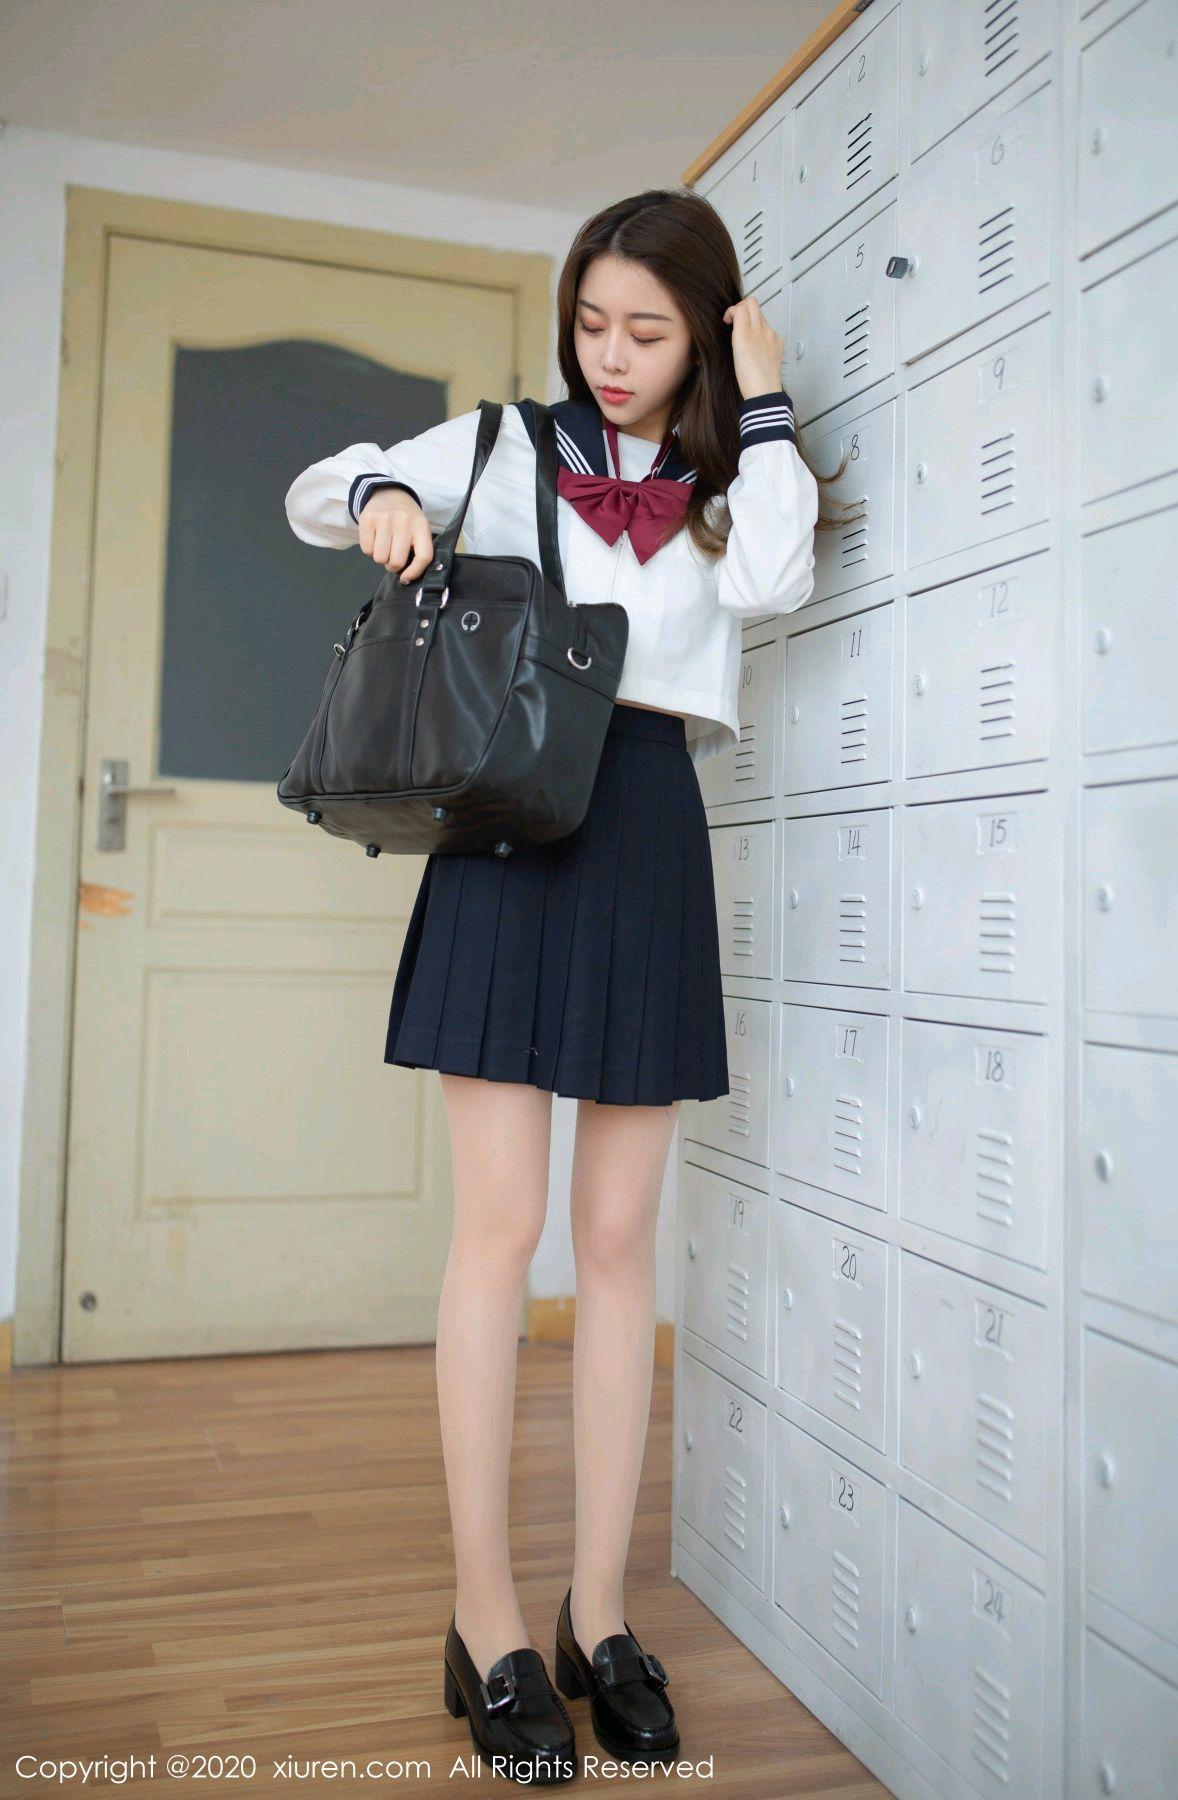 [XiuRen] Vol.2230 Xia Shi Wen 1P, School Uniform, Tall, Underwear, Xia Shi Shi, Xiuren